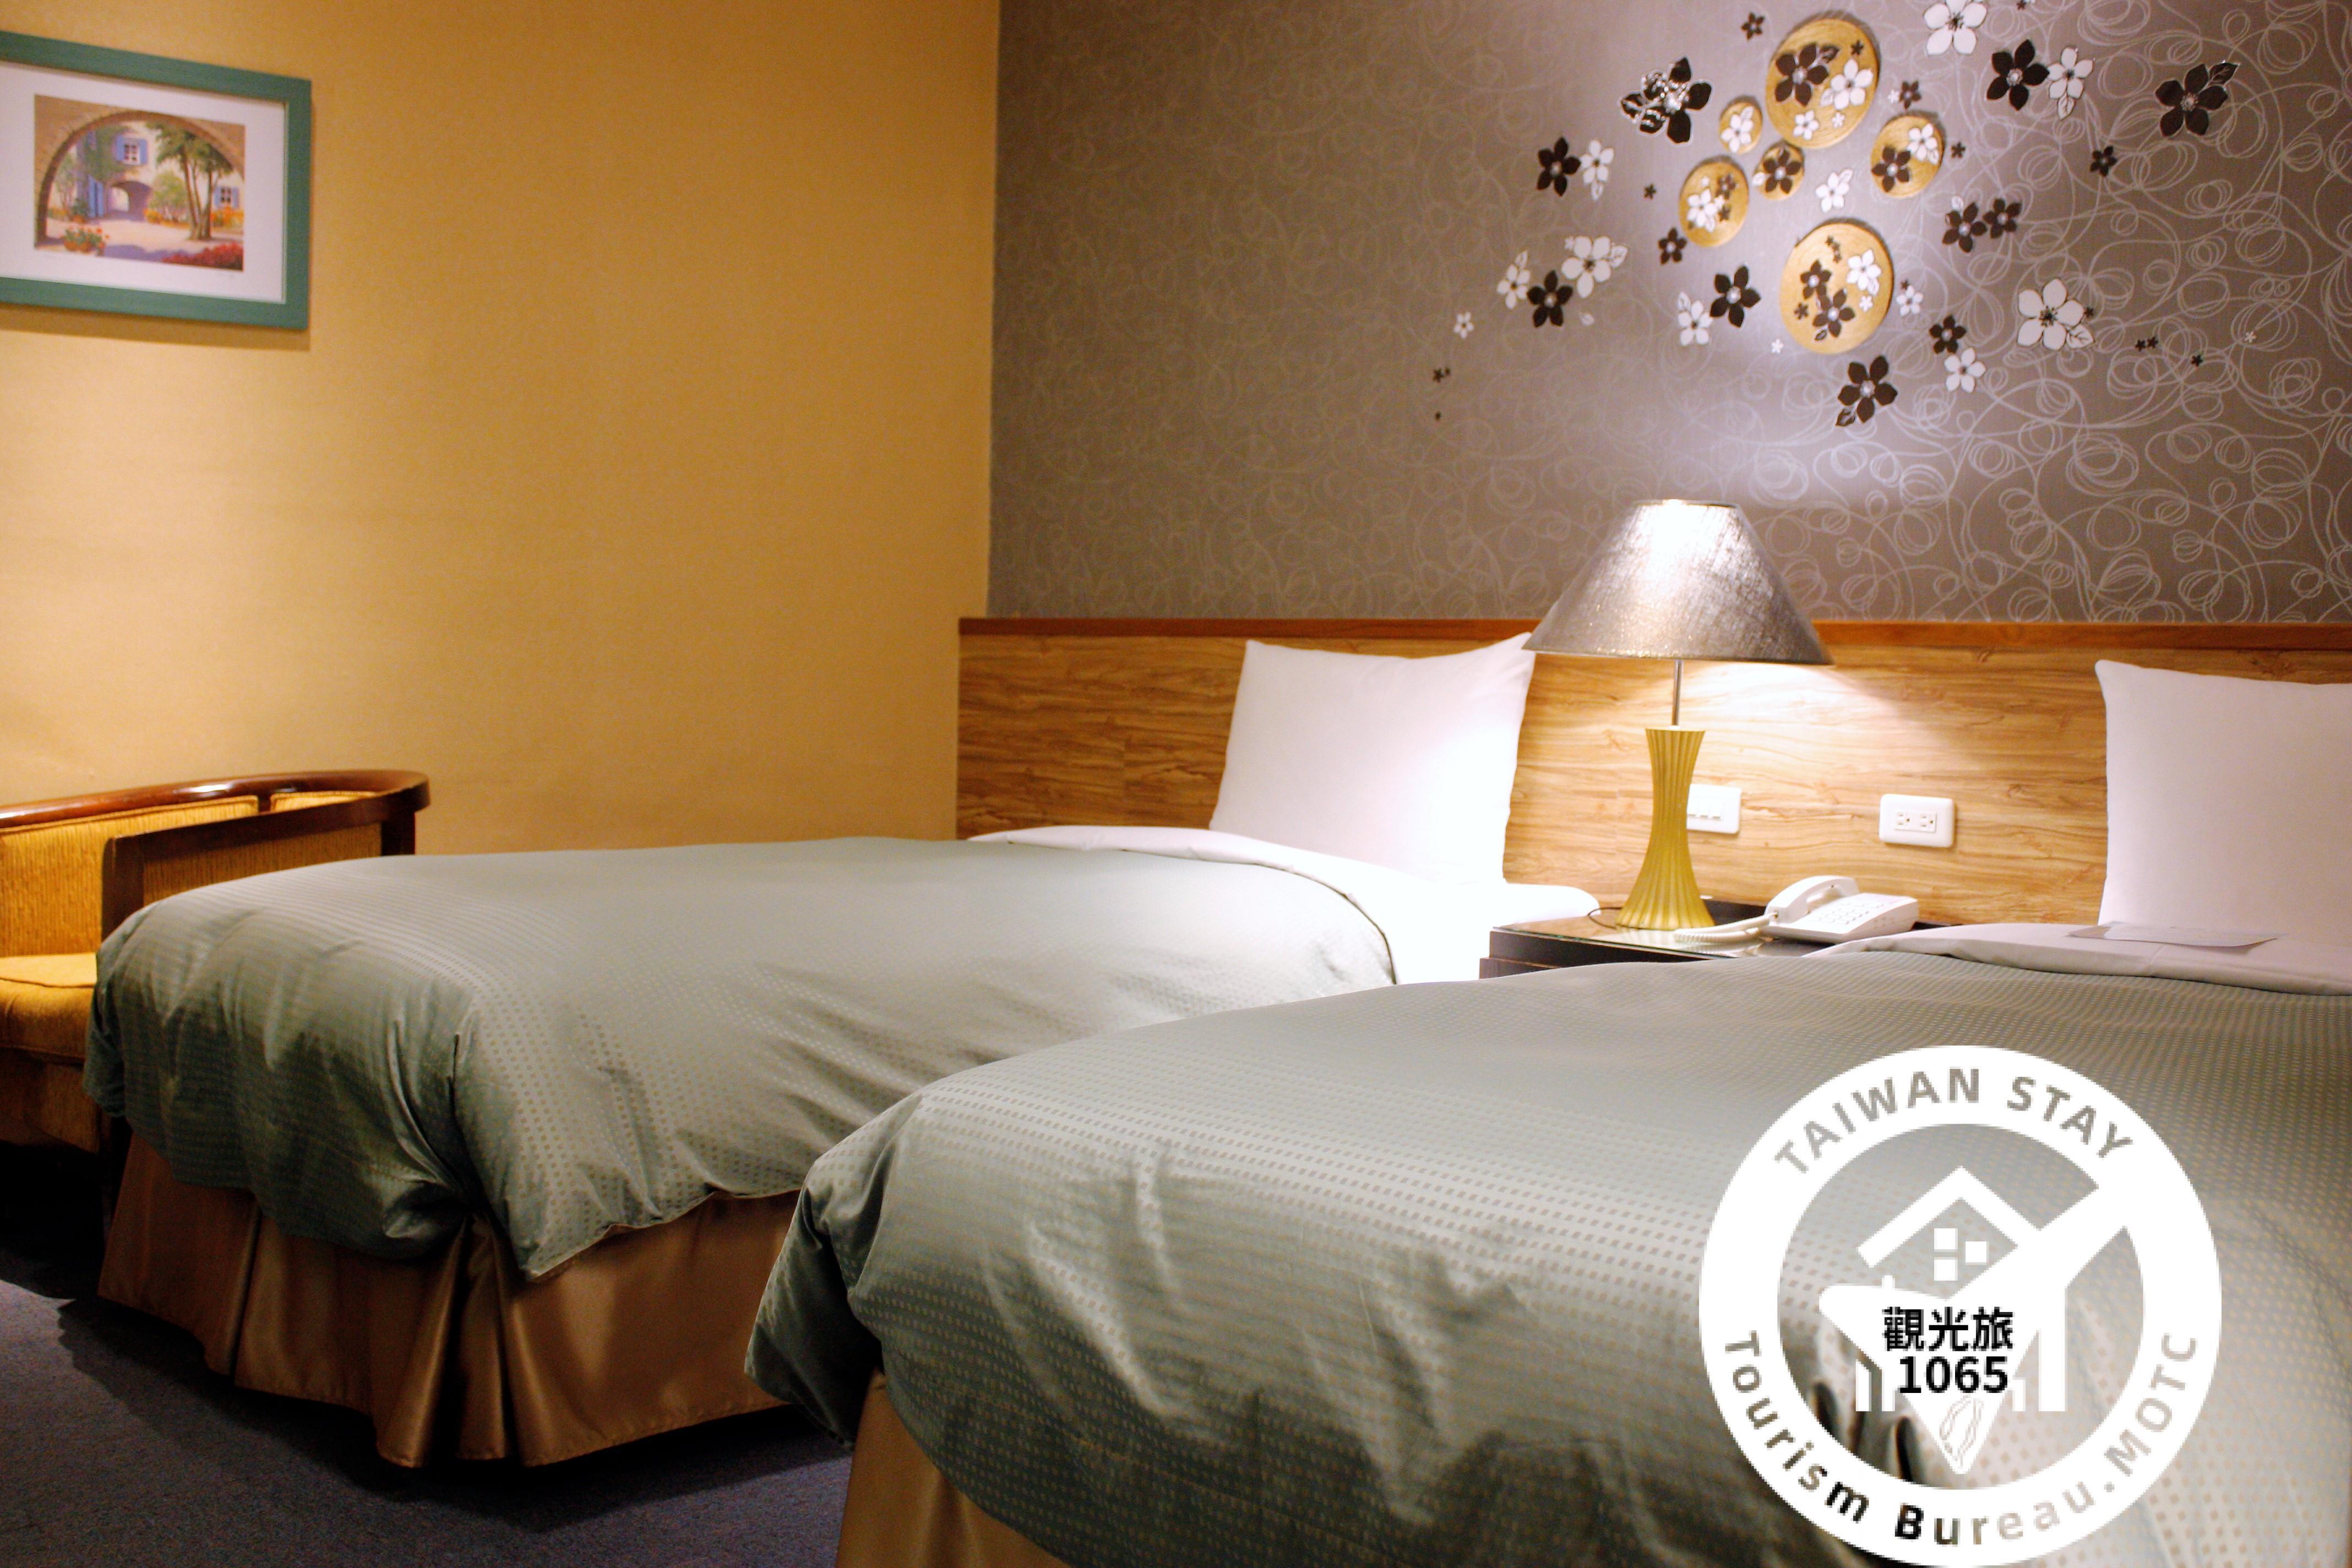 標準雙床房照片_2